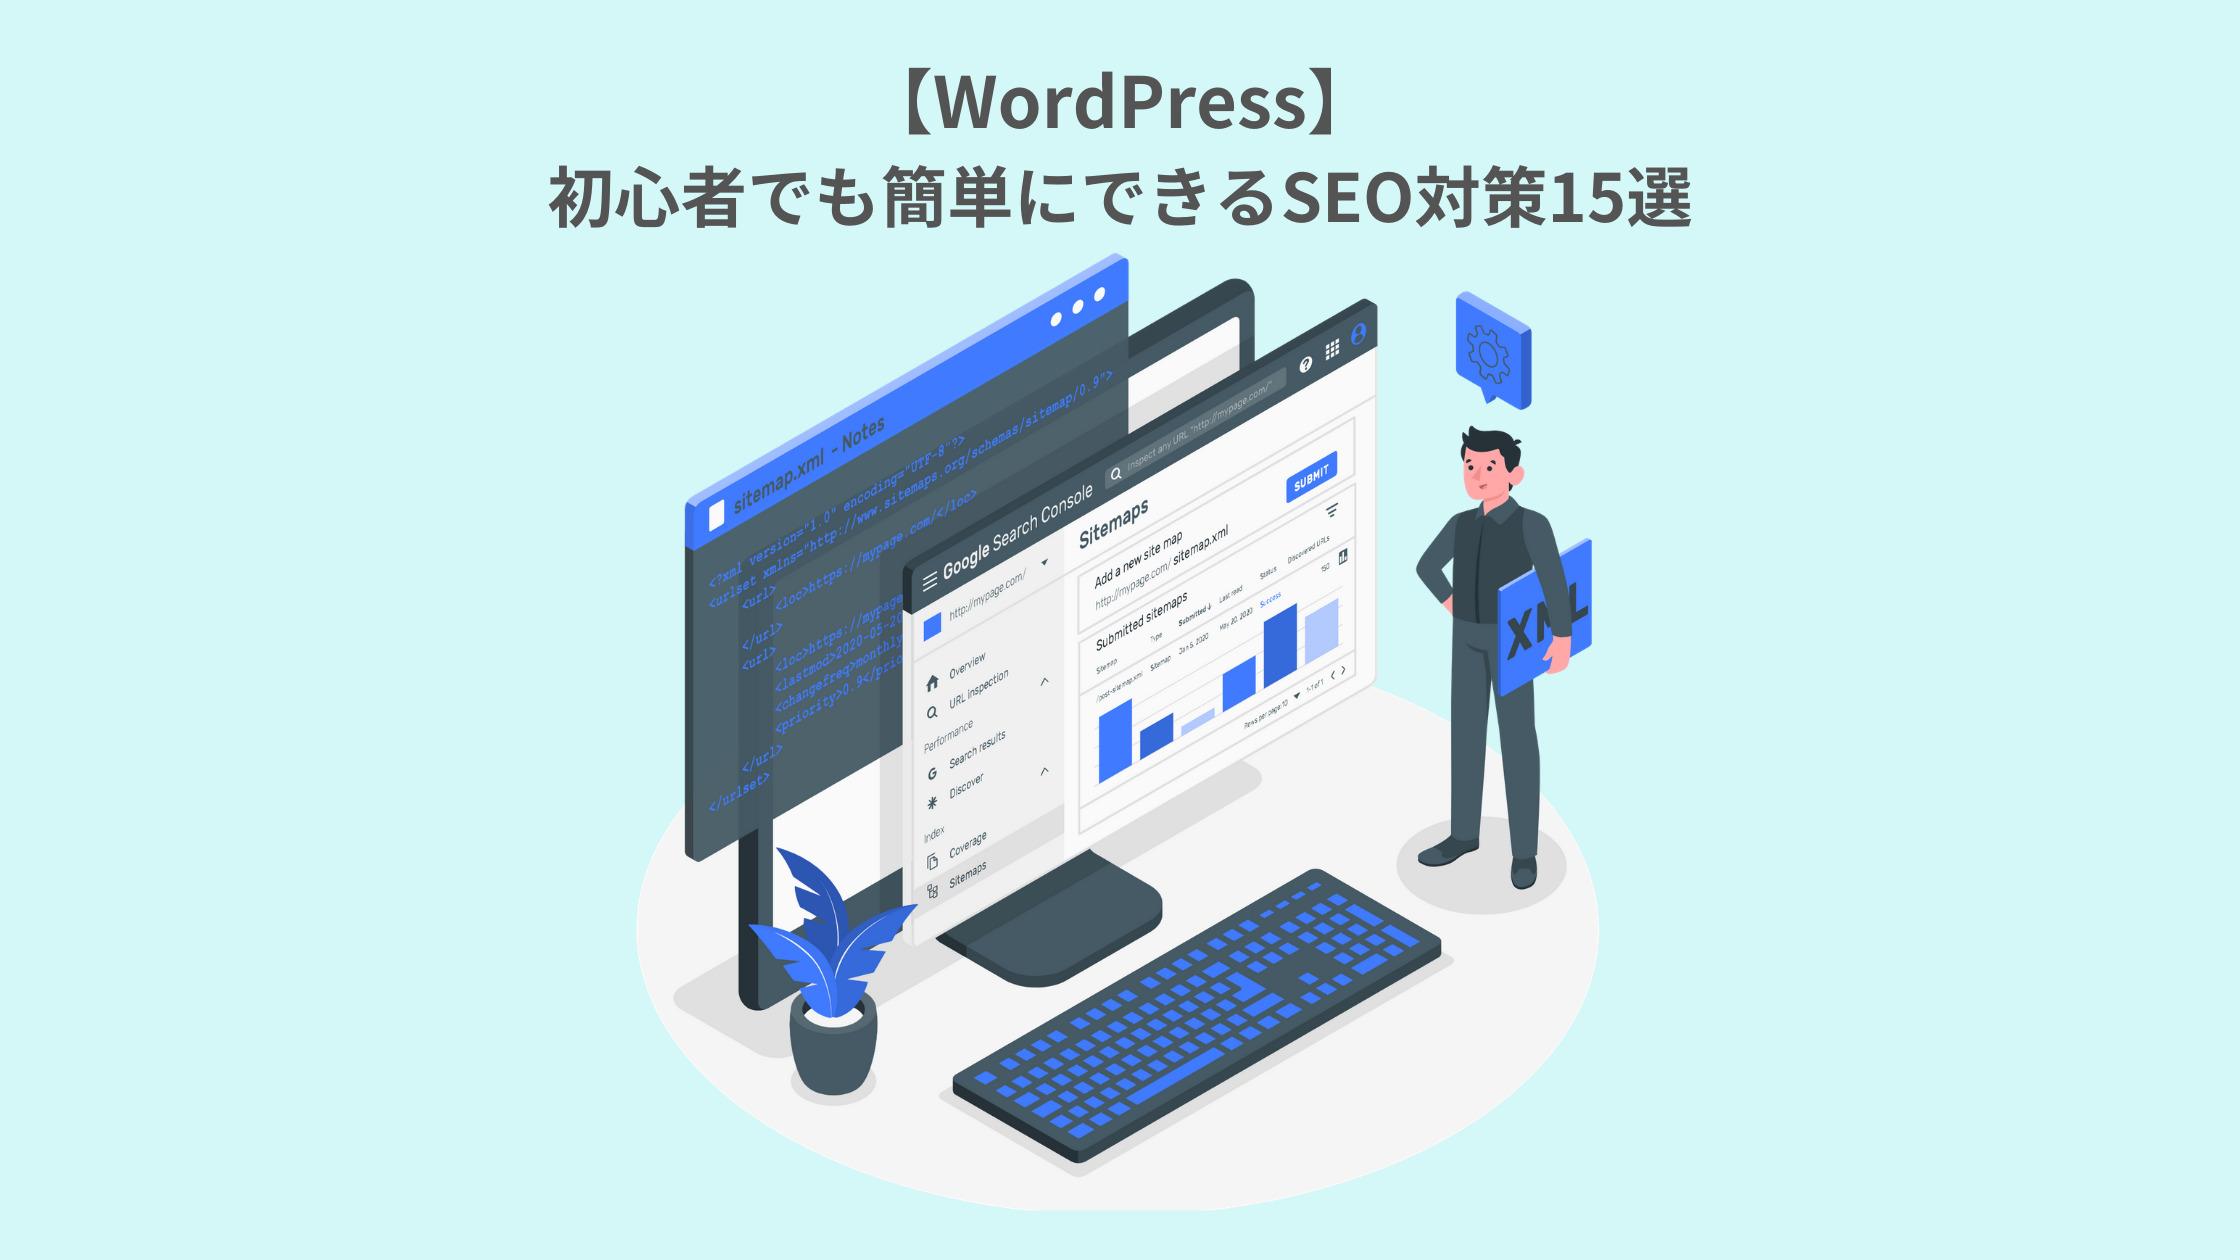 【WordPress】 初心者でも簡単にできるSEO対策15選